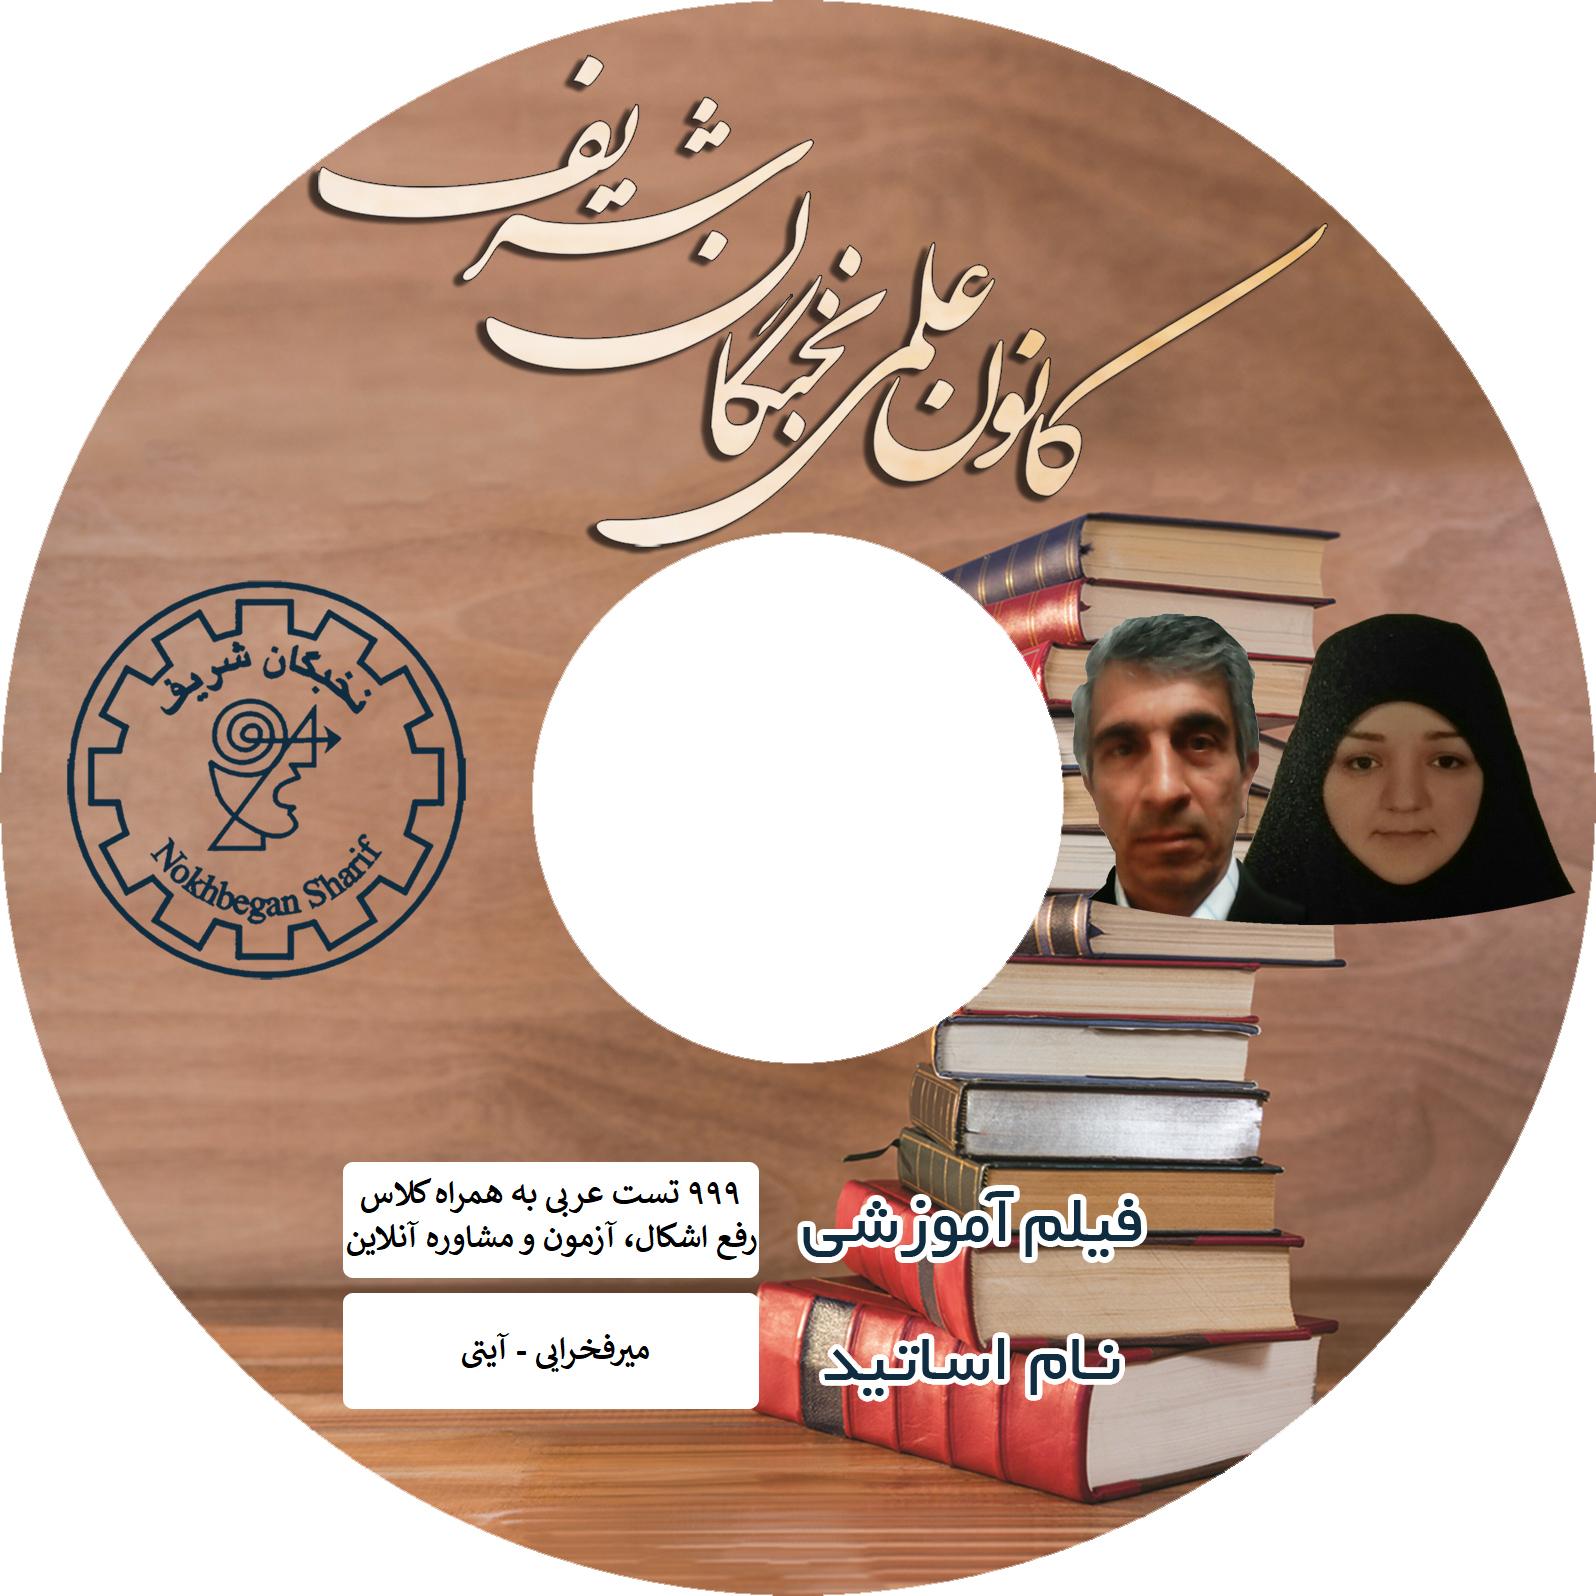 آموزش تصویری تست های طلایی زبان عربی کنکور نشر نخبگان شریف